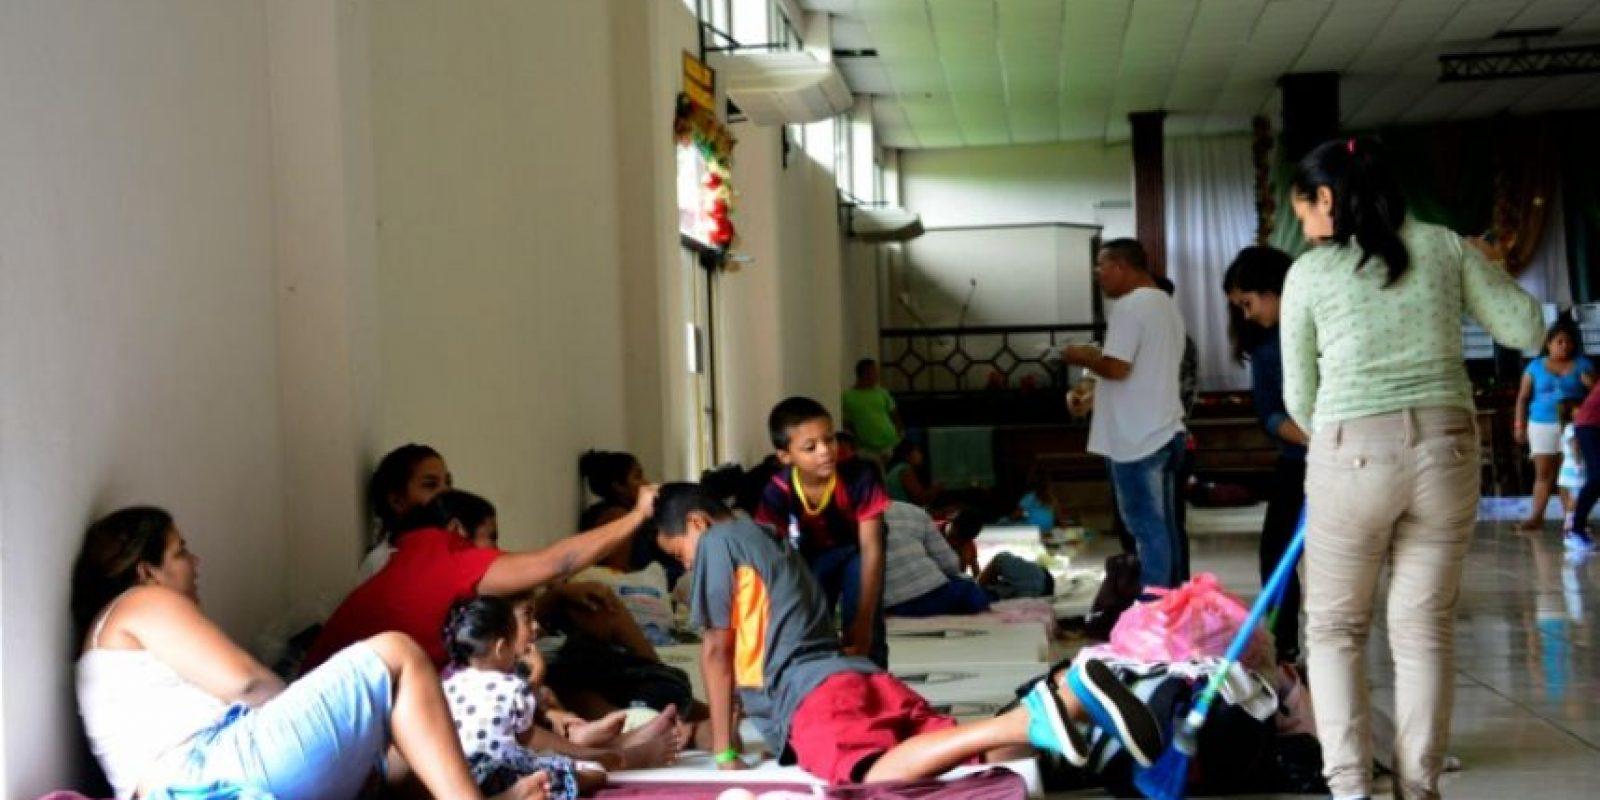 Una familia evacuada se refugia en una iglesia en Guapiles durante el paso del huracán Otto, el 23 de noviembre de 2016 a 100 km de Limon, Costa Rica Foto:EZEQUIEL BECERRA/afp.com